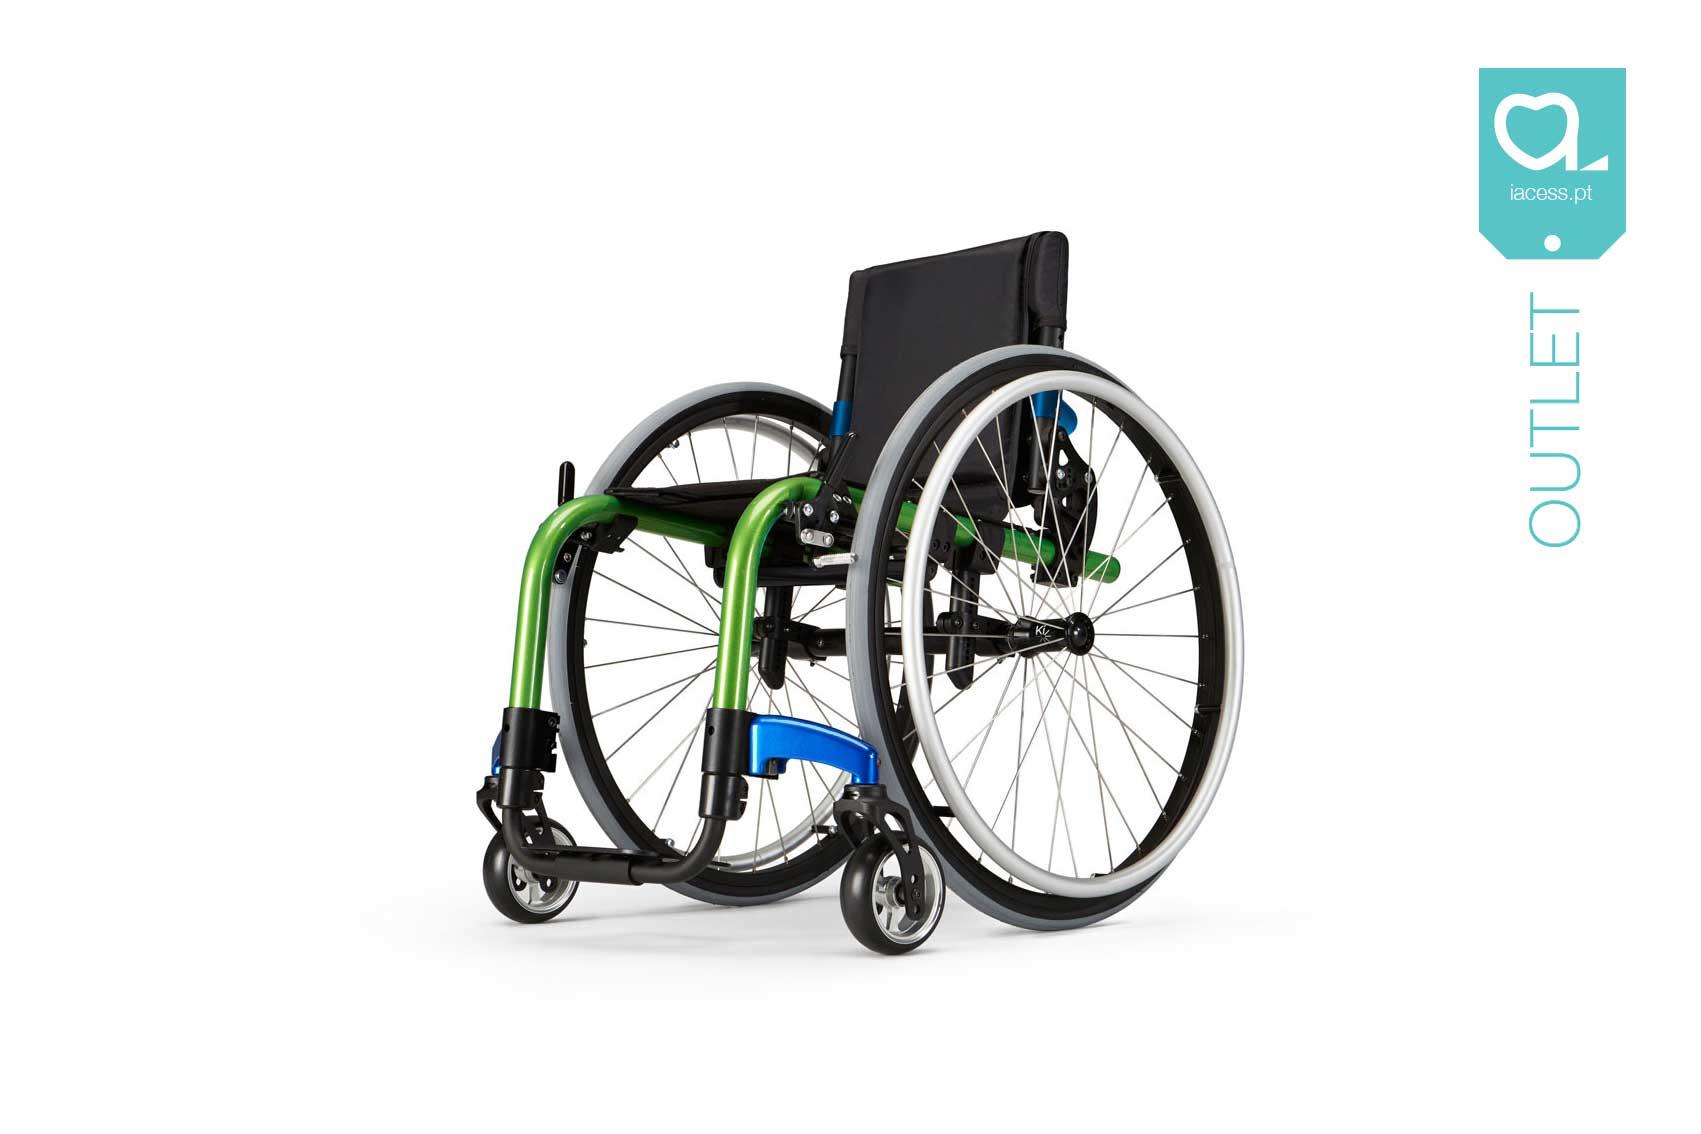 Cadeira de rodas com estrutura verde